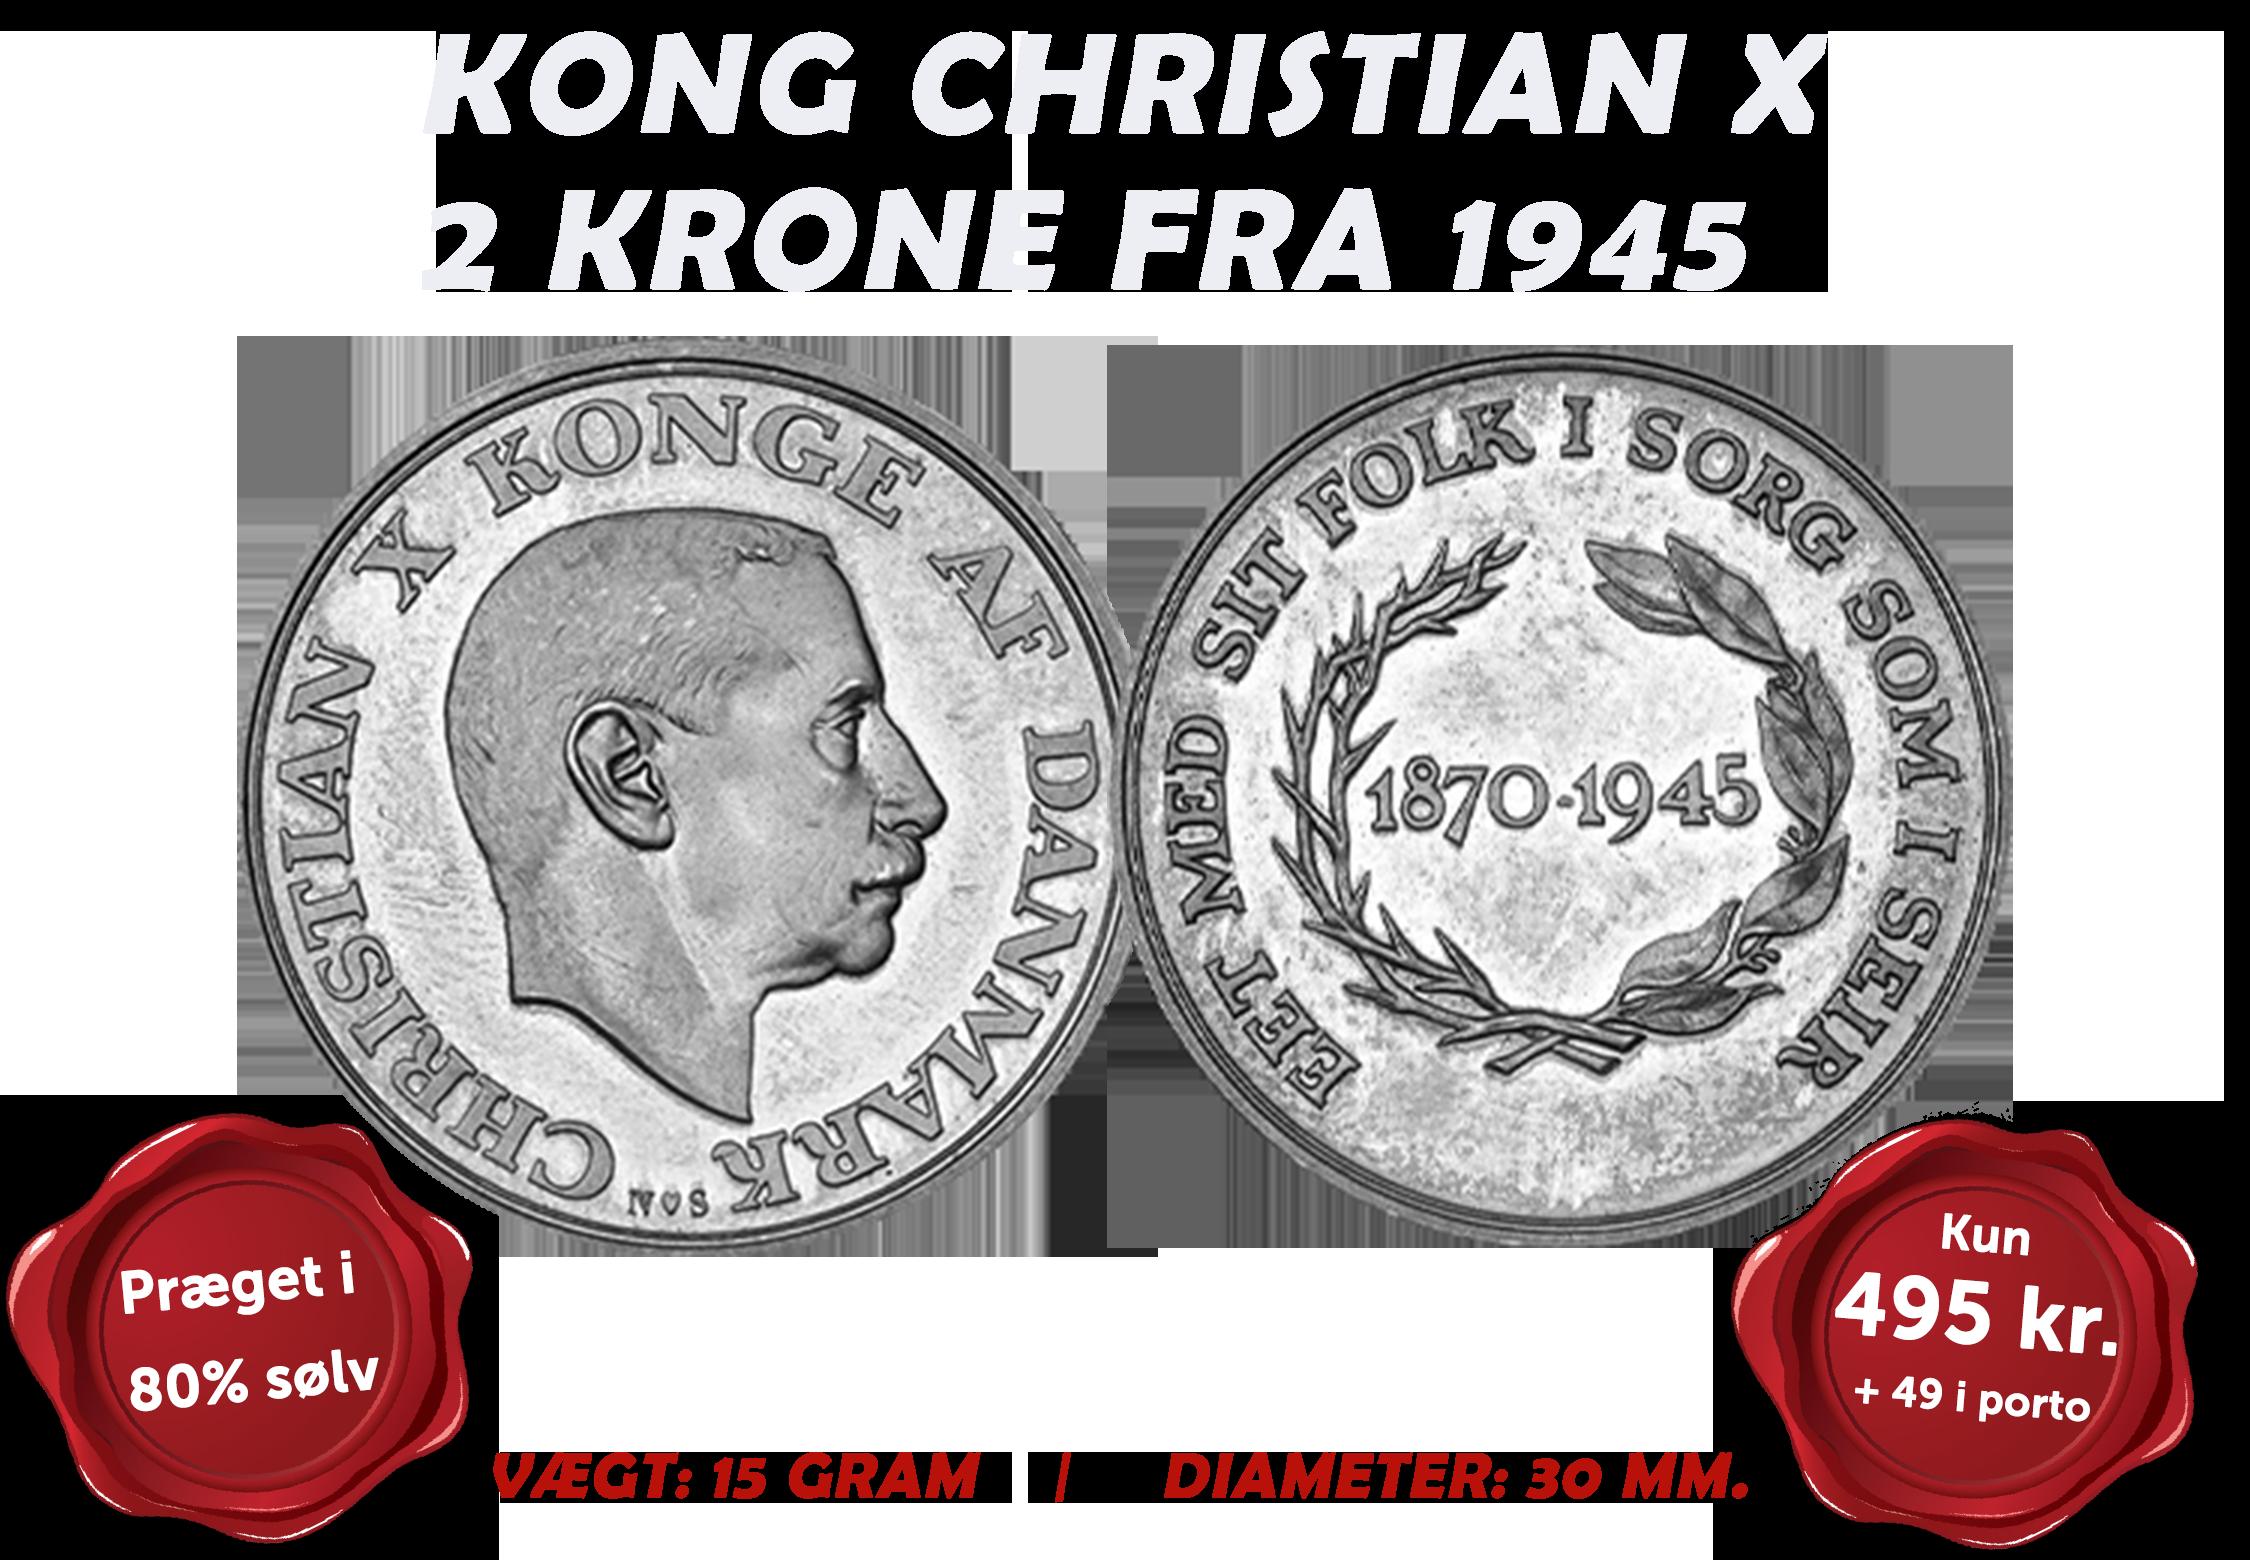 """Christian X 2-krone fra 1945  – """"EET MED SIT FOLK I SORG SOM I SEJR"""""""